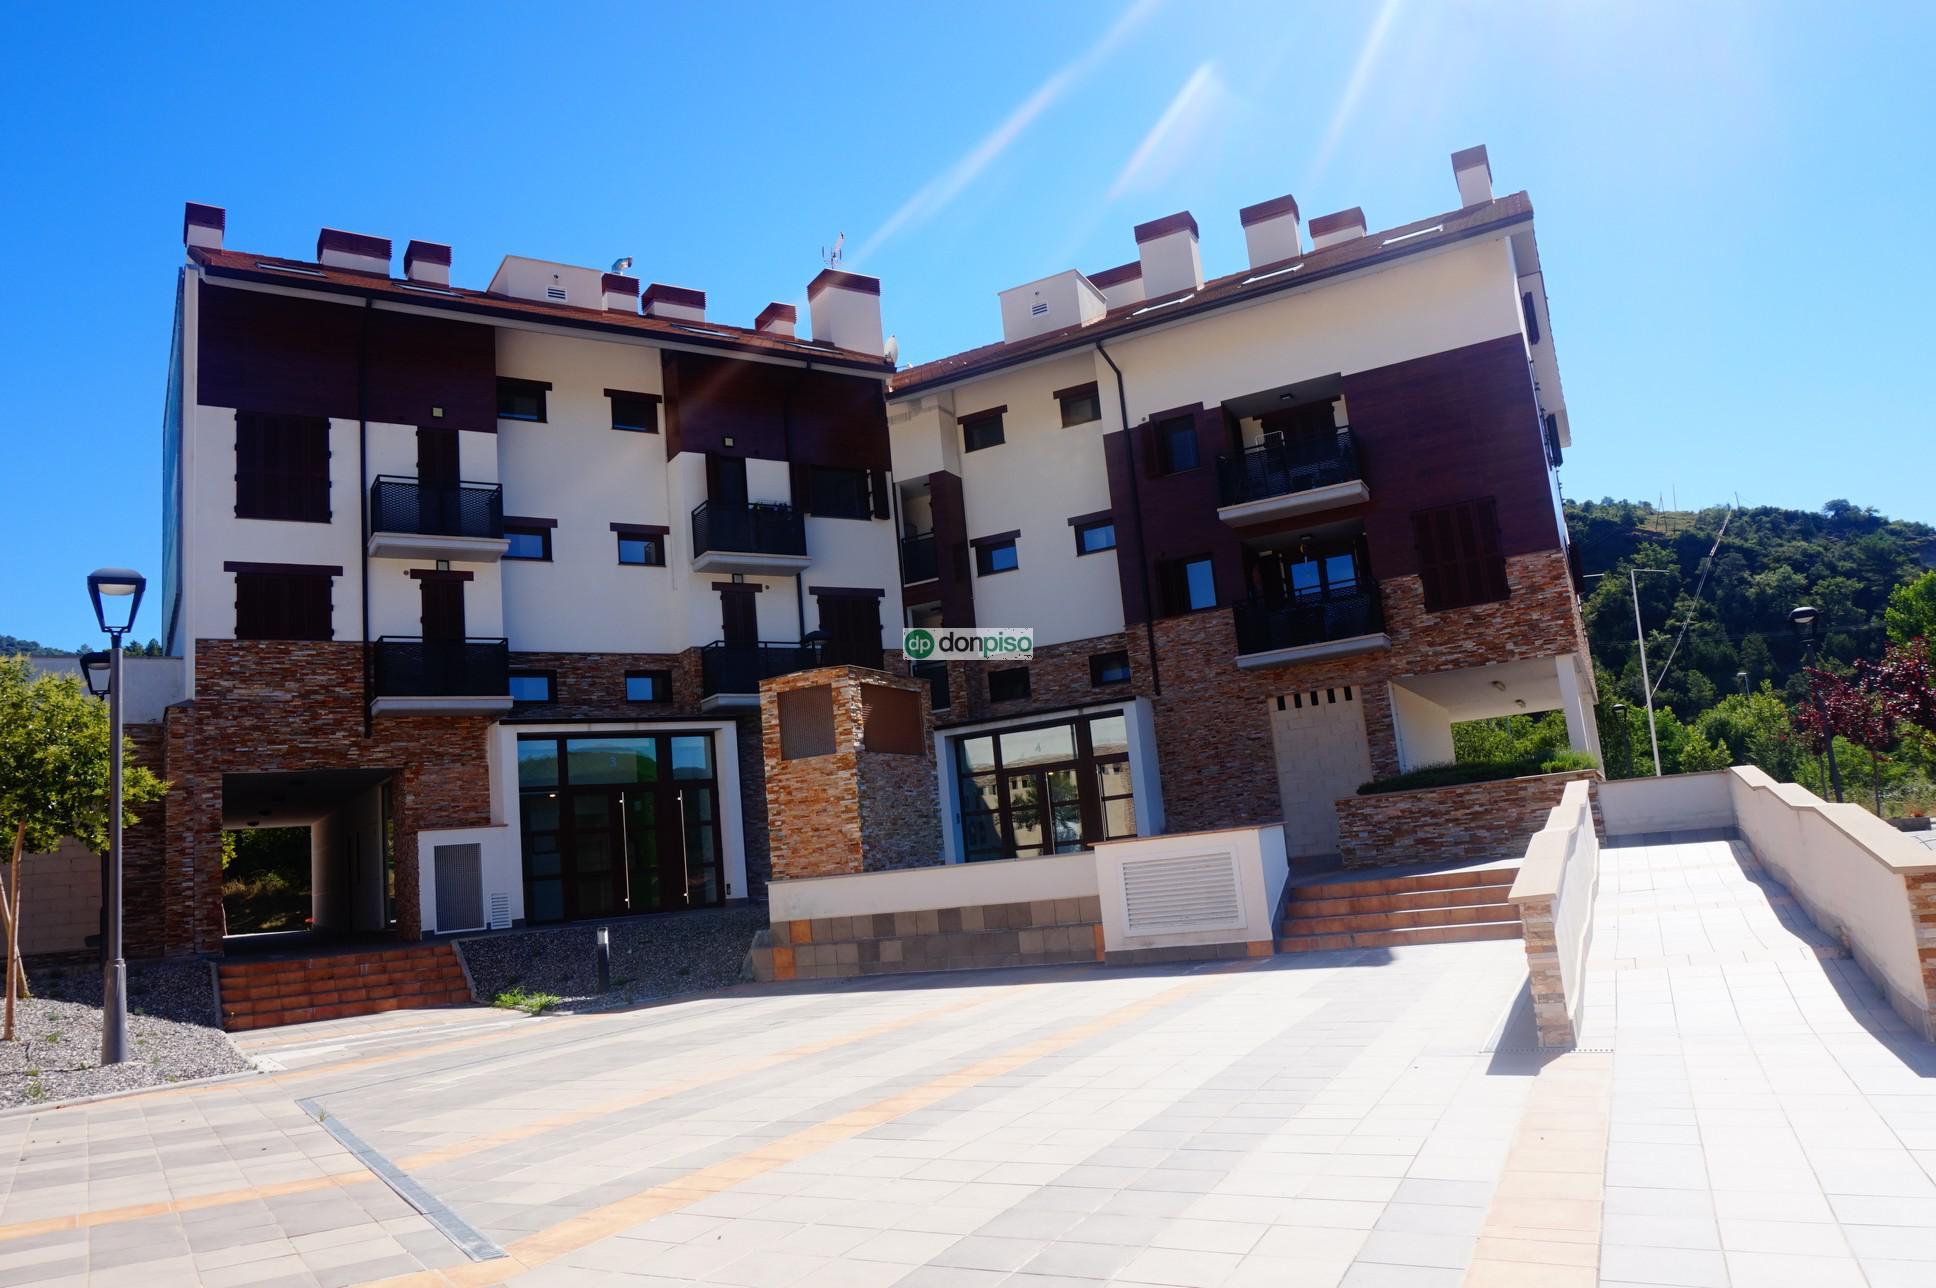 165652 - Hotel balneario Monasterio de Boltaña